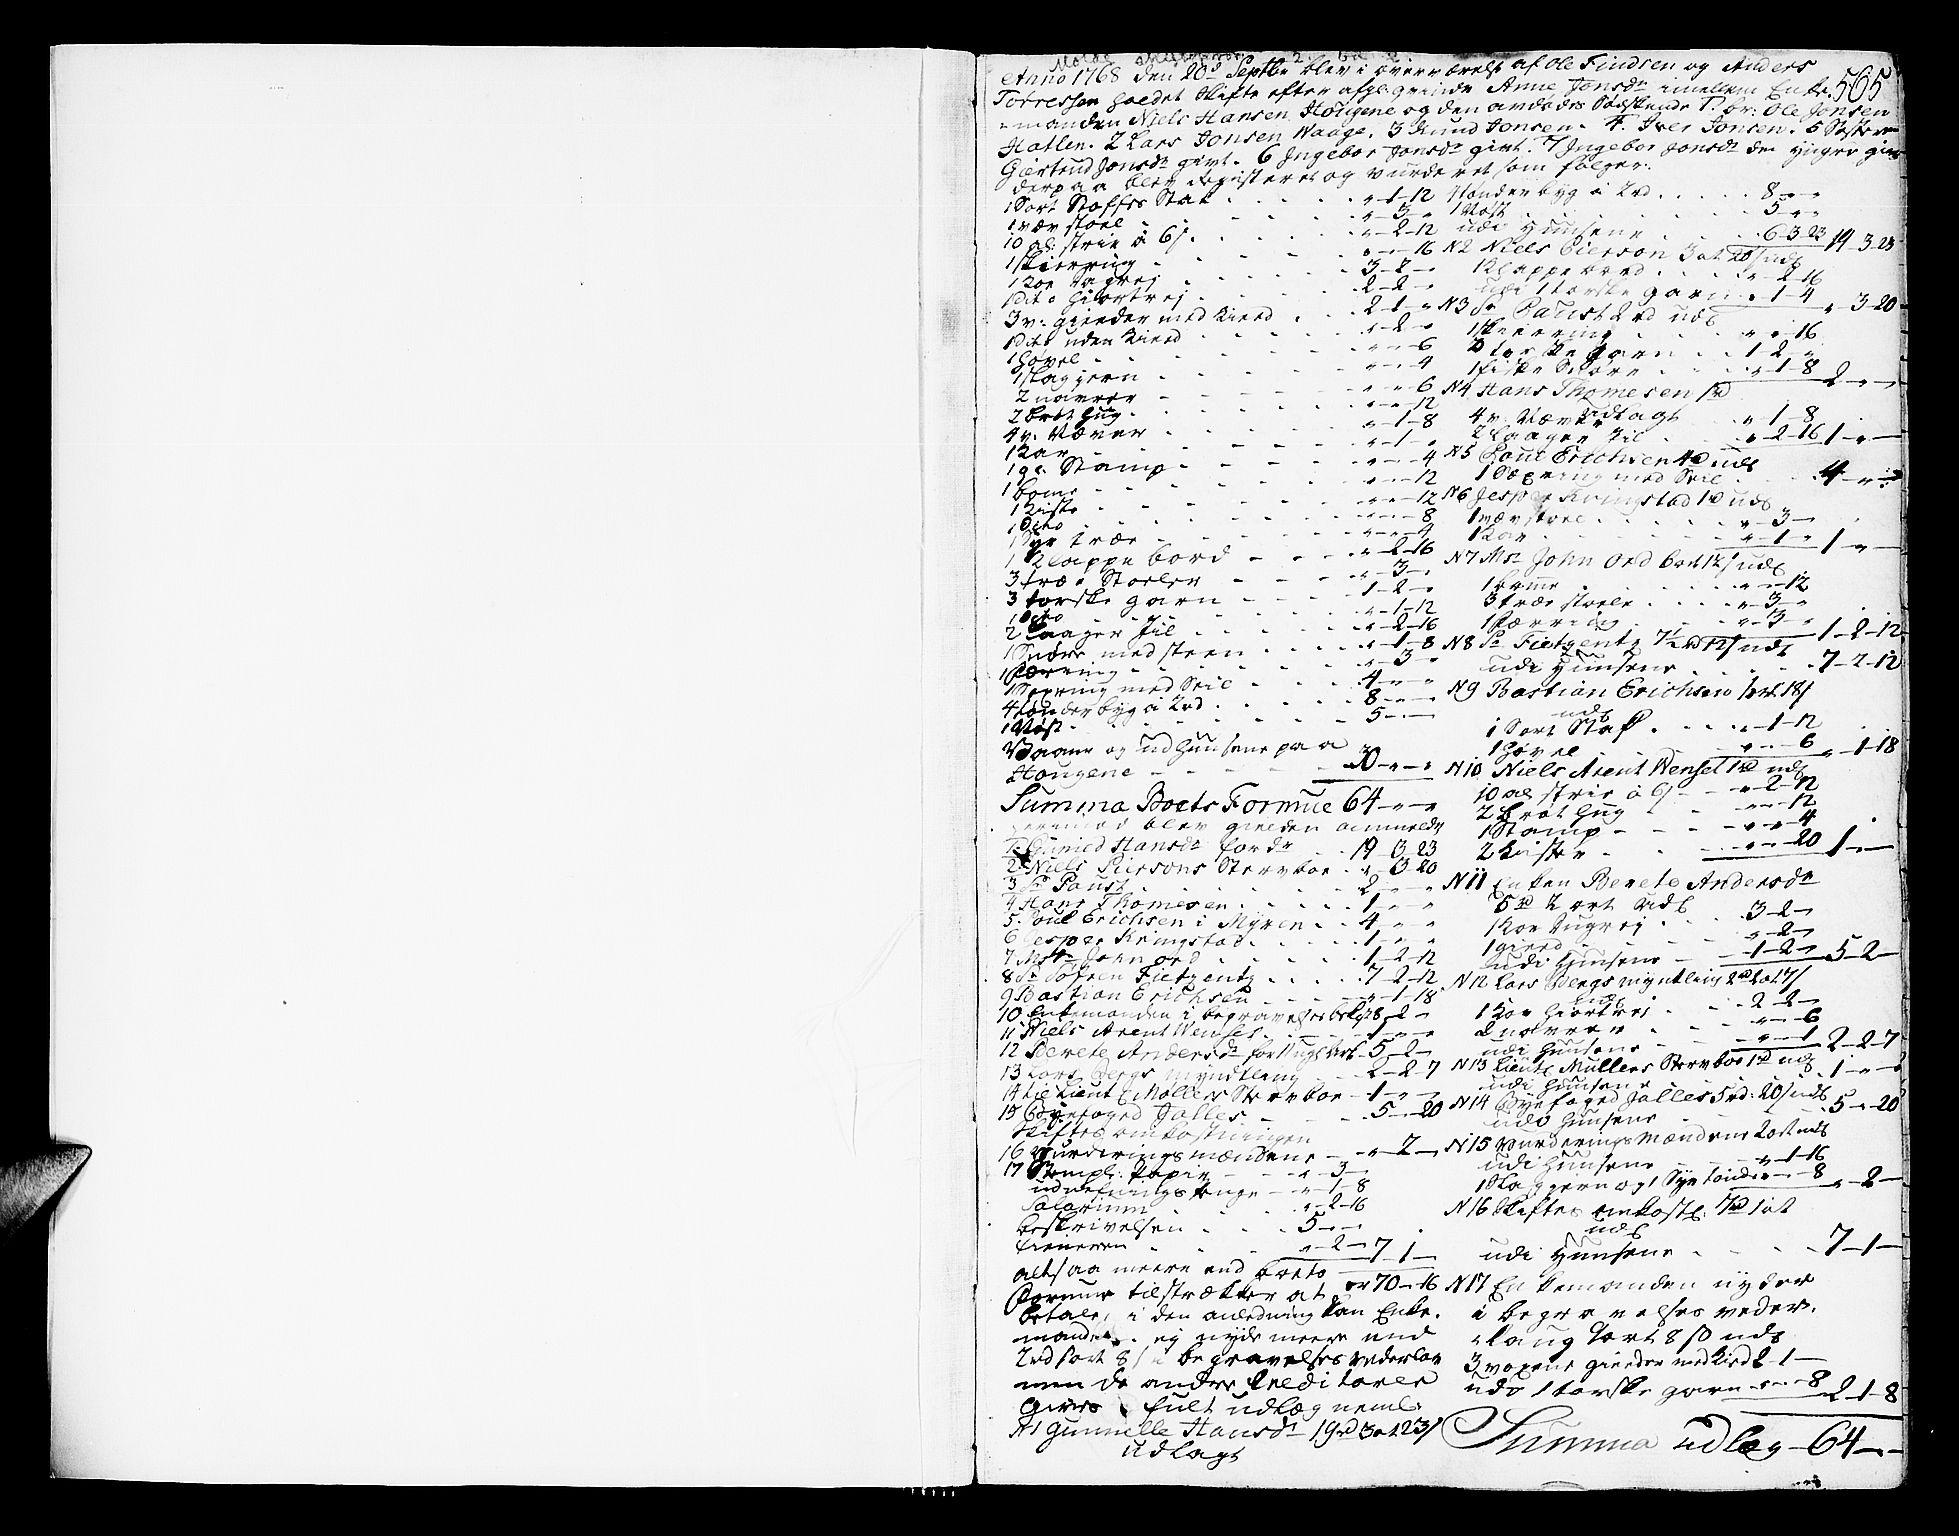 SAT, Molde byfogd, 3/3Aa/L0002: Skifteprotokoll, 1768-1787, s. 564-565